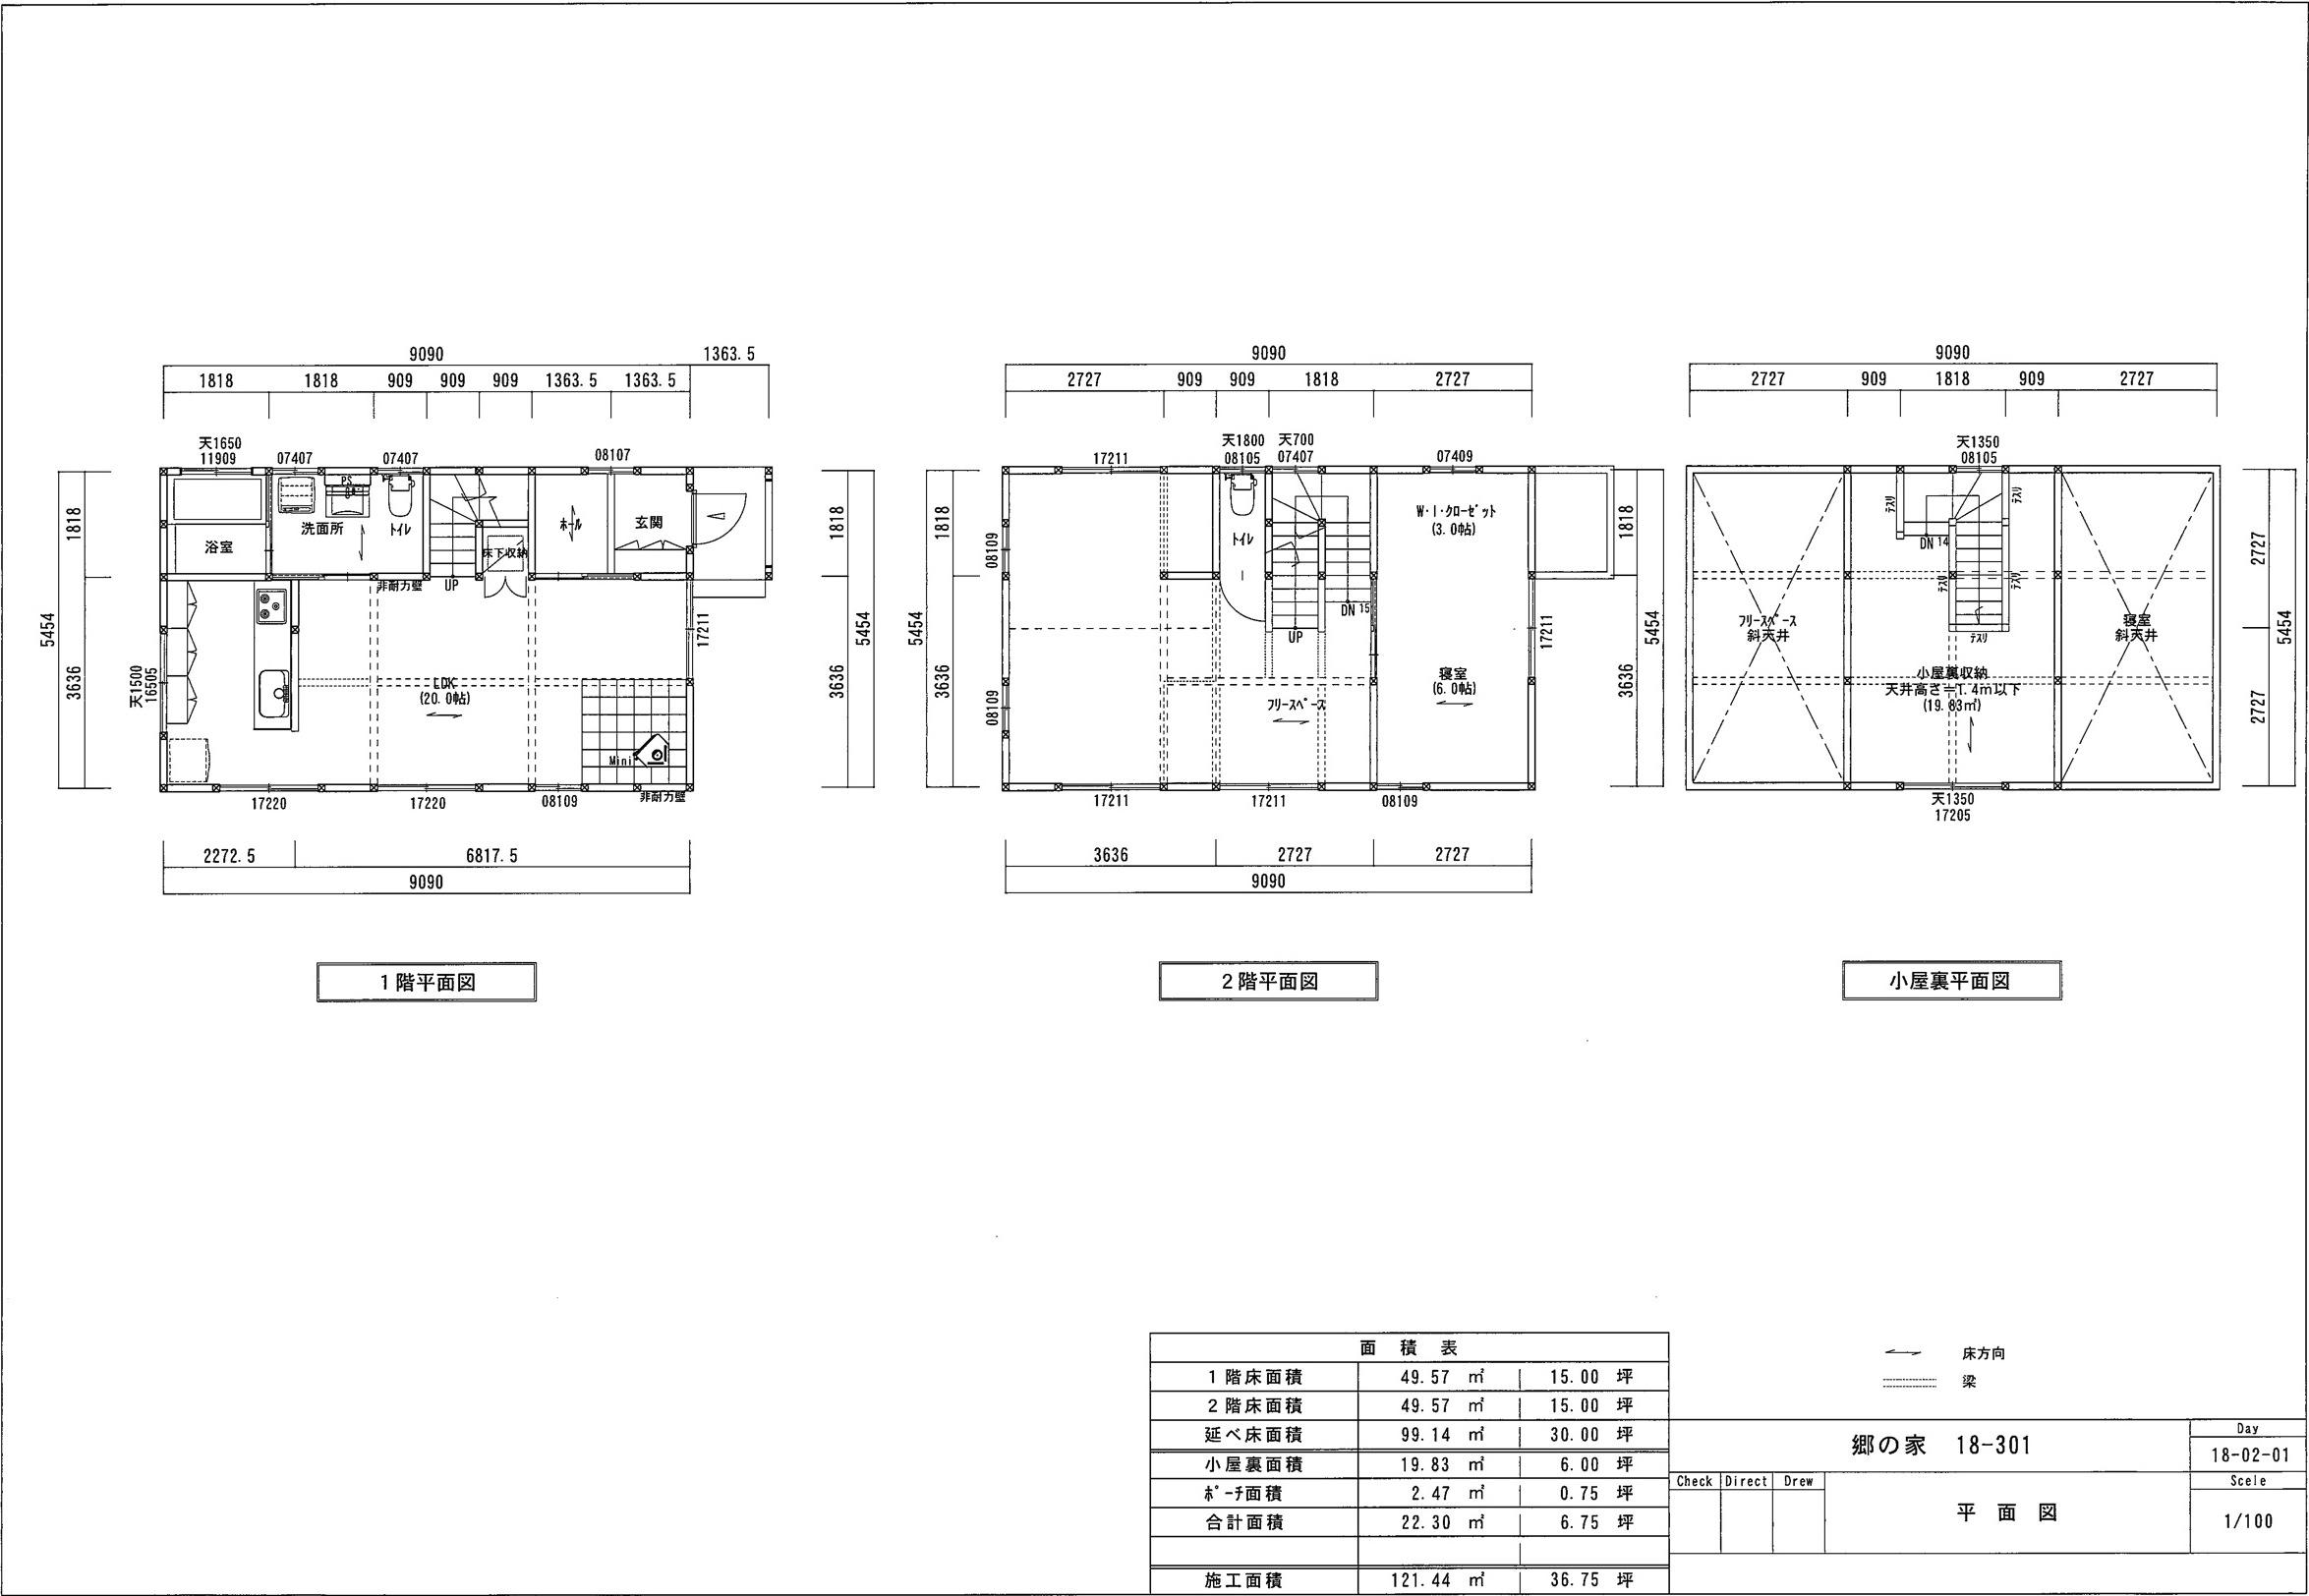 郷の家 36.75坪(301S)/2,000万円+税